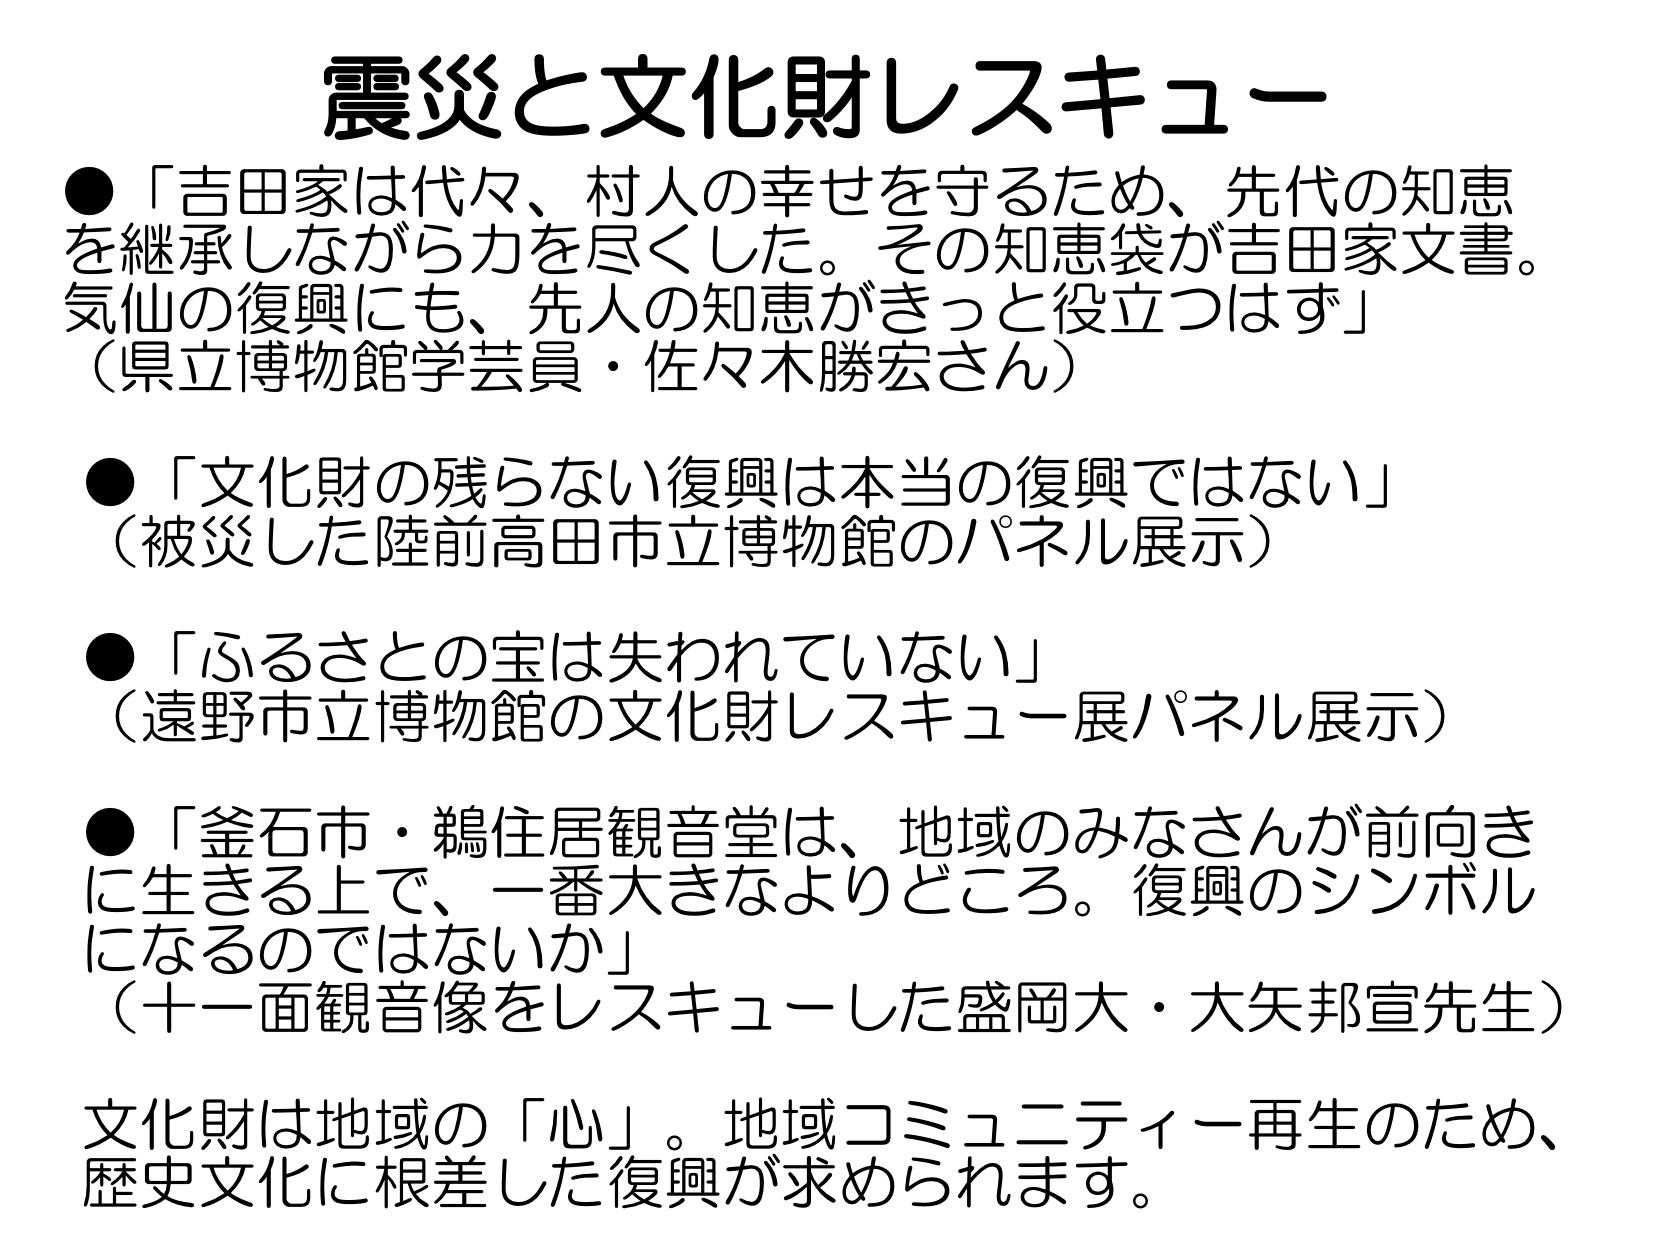 「震災と報道…心のケア、文化財、音楽」…③_a0103650_0573475.jpg